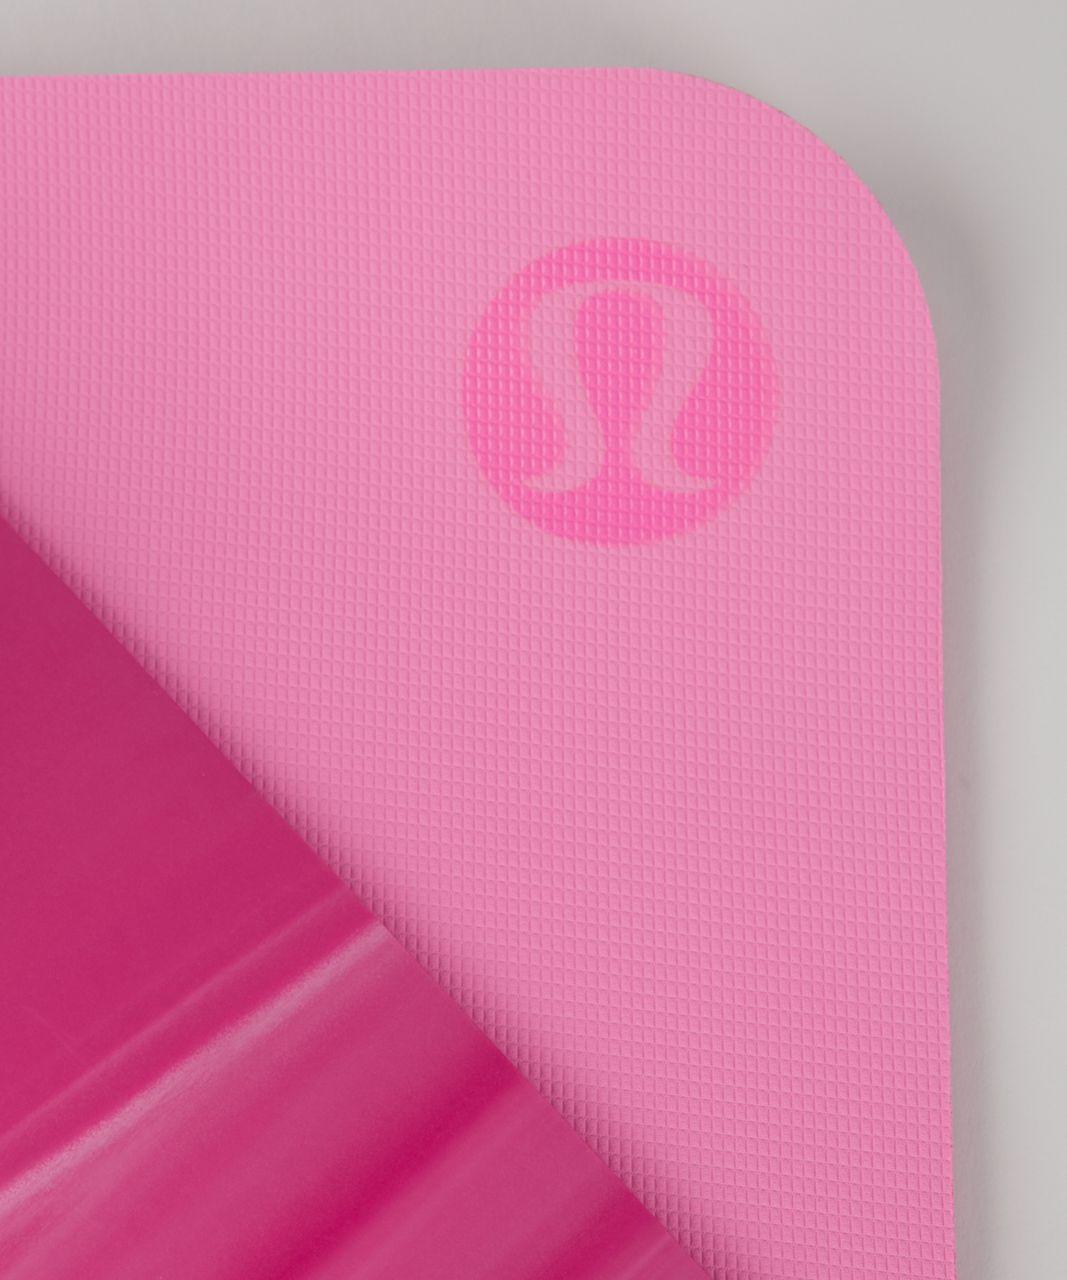 Lululemon The Reversible Mat 5mm - Bon Bon / White / Pink Shell